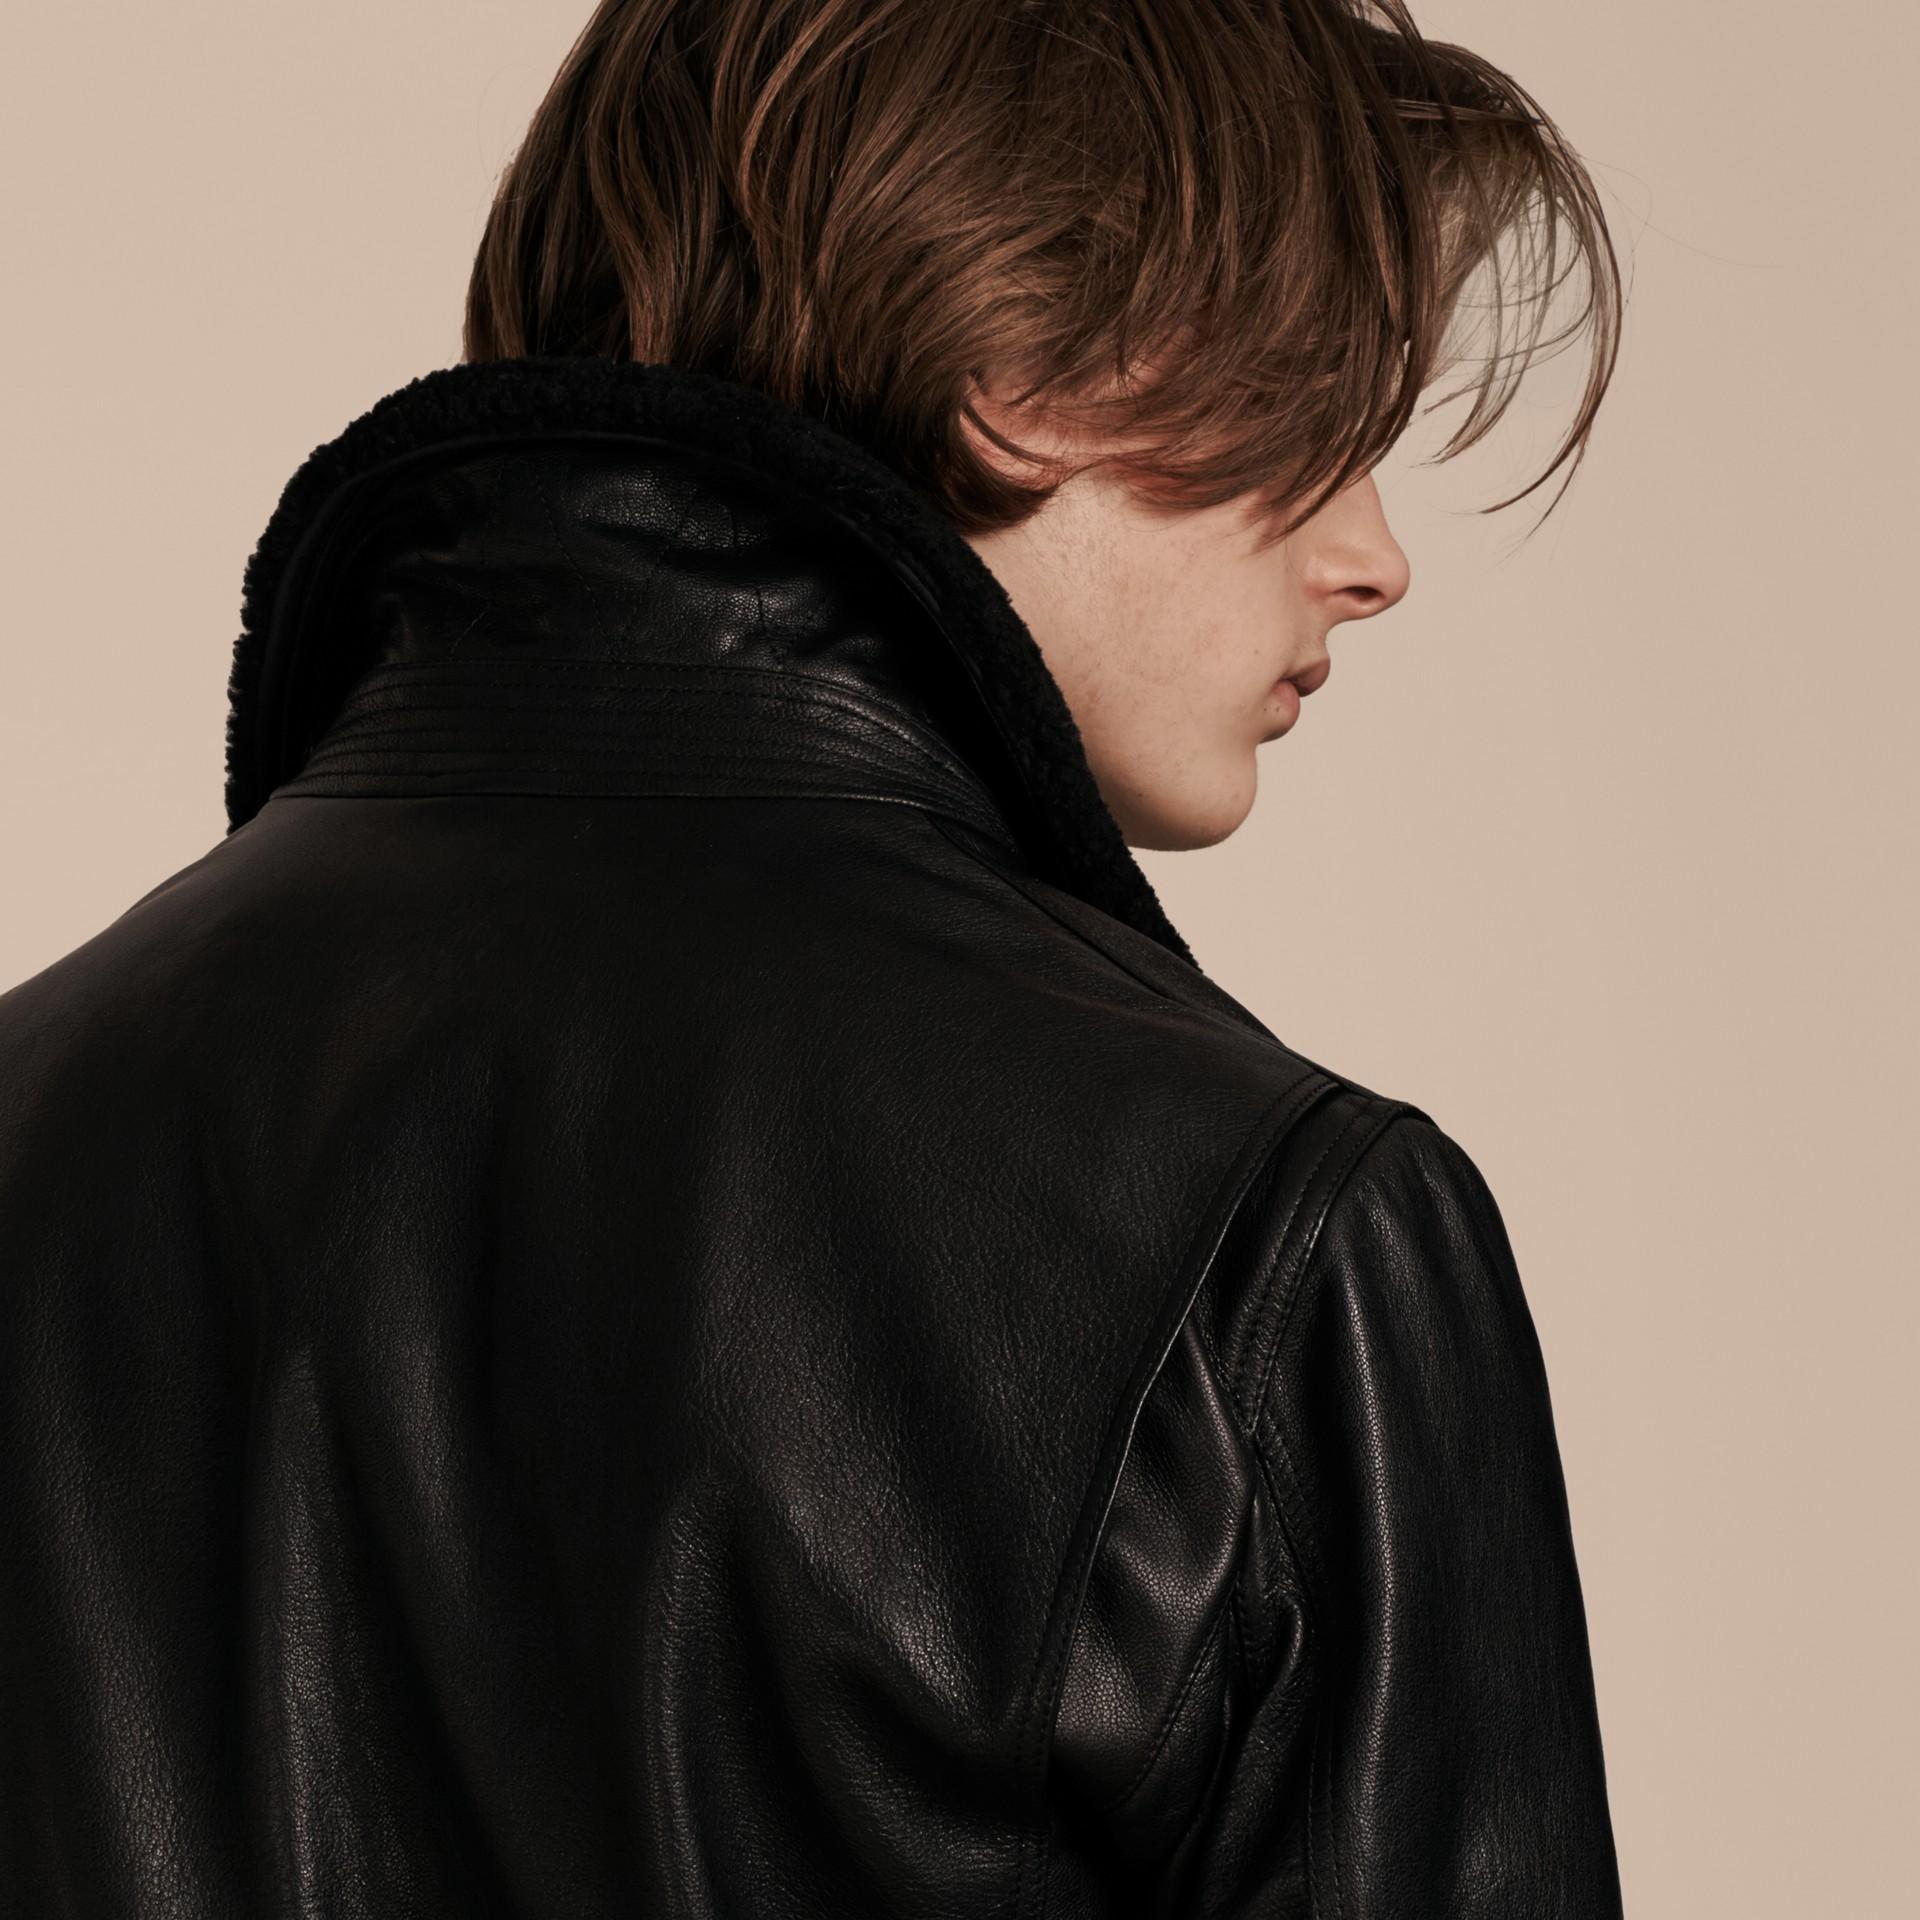 Preto Jaqueta de couro com colarinho de shearling removível - galeria de imagens 6